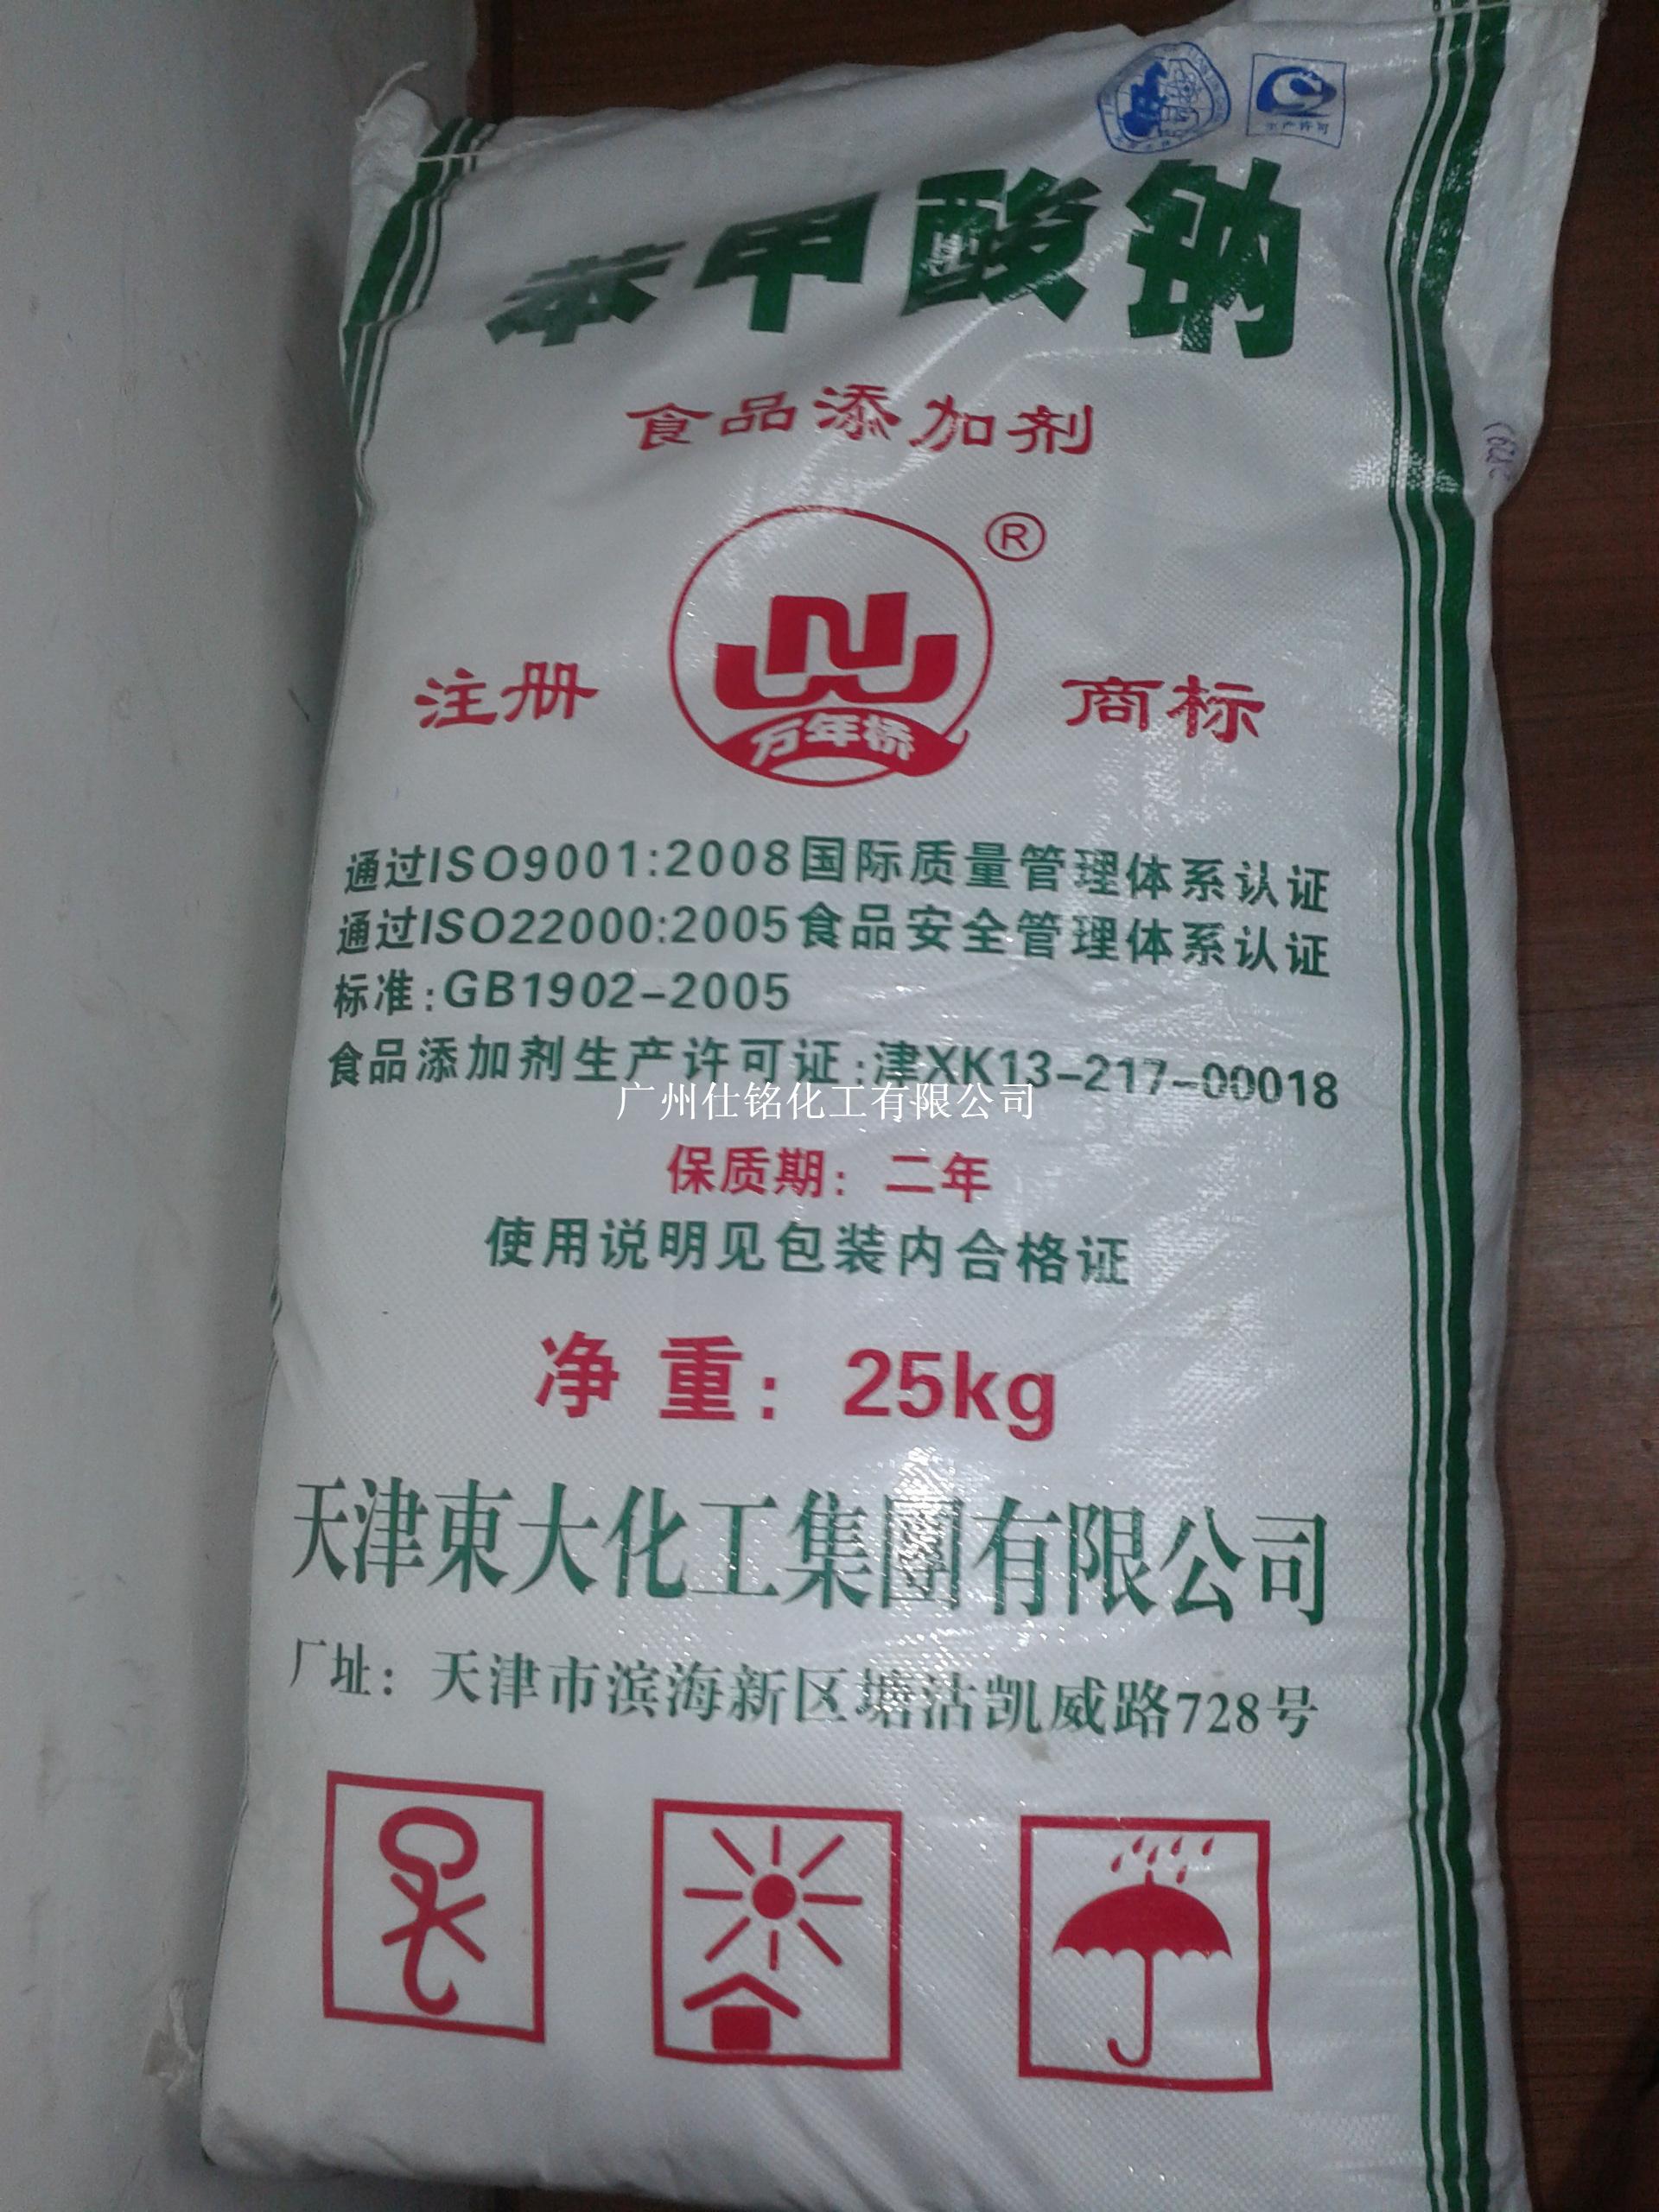 天津东大苯甲酸钠食品防腐剂高清图片